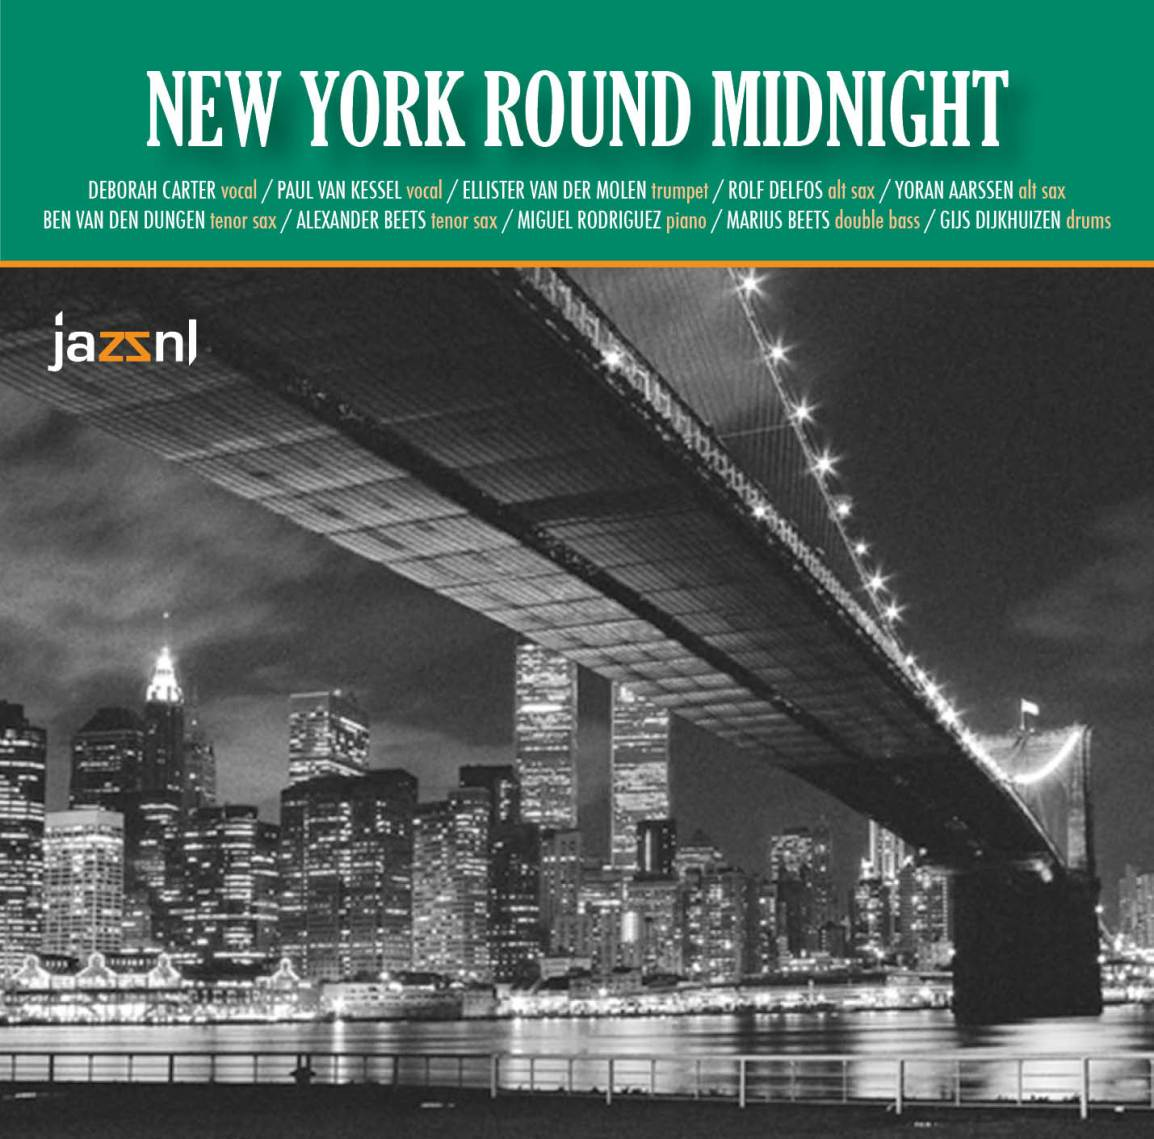 CD NYRM voorpagina